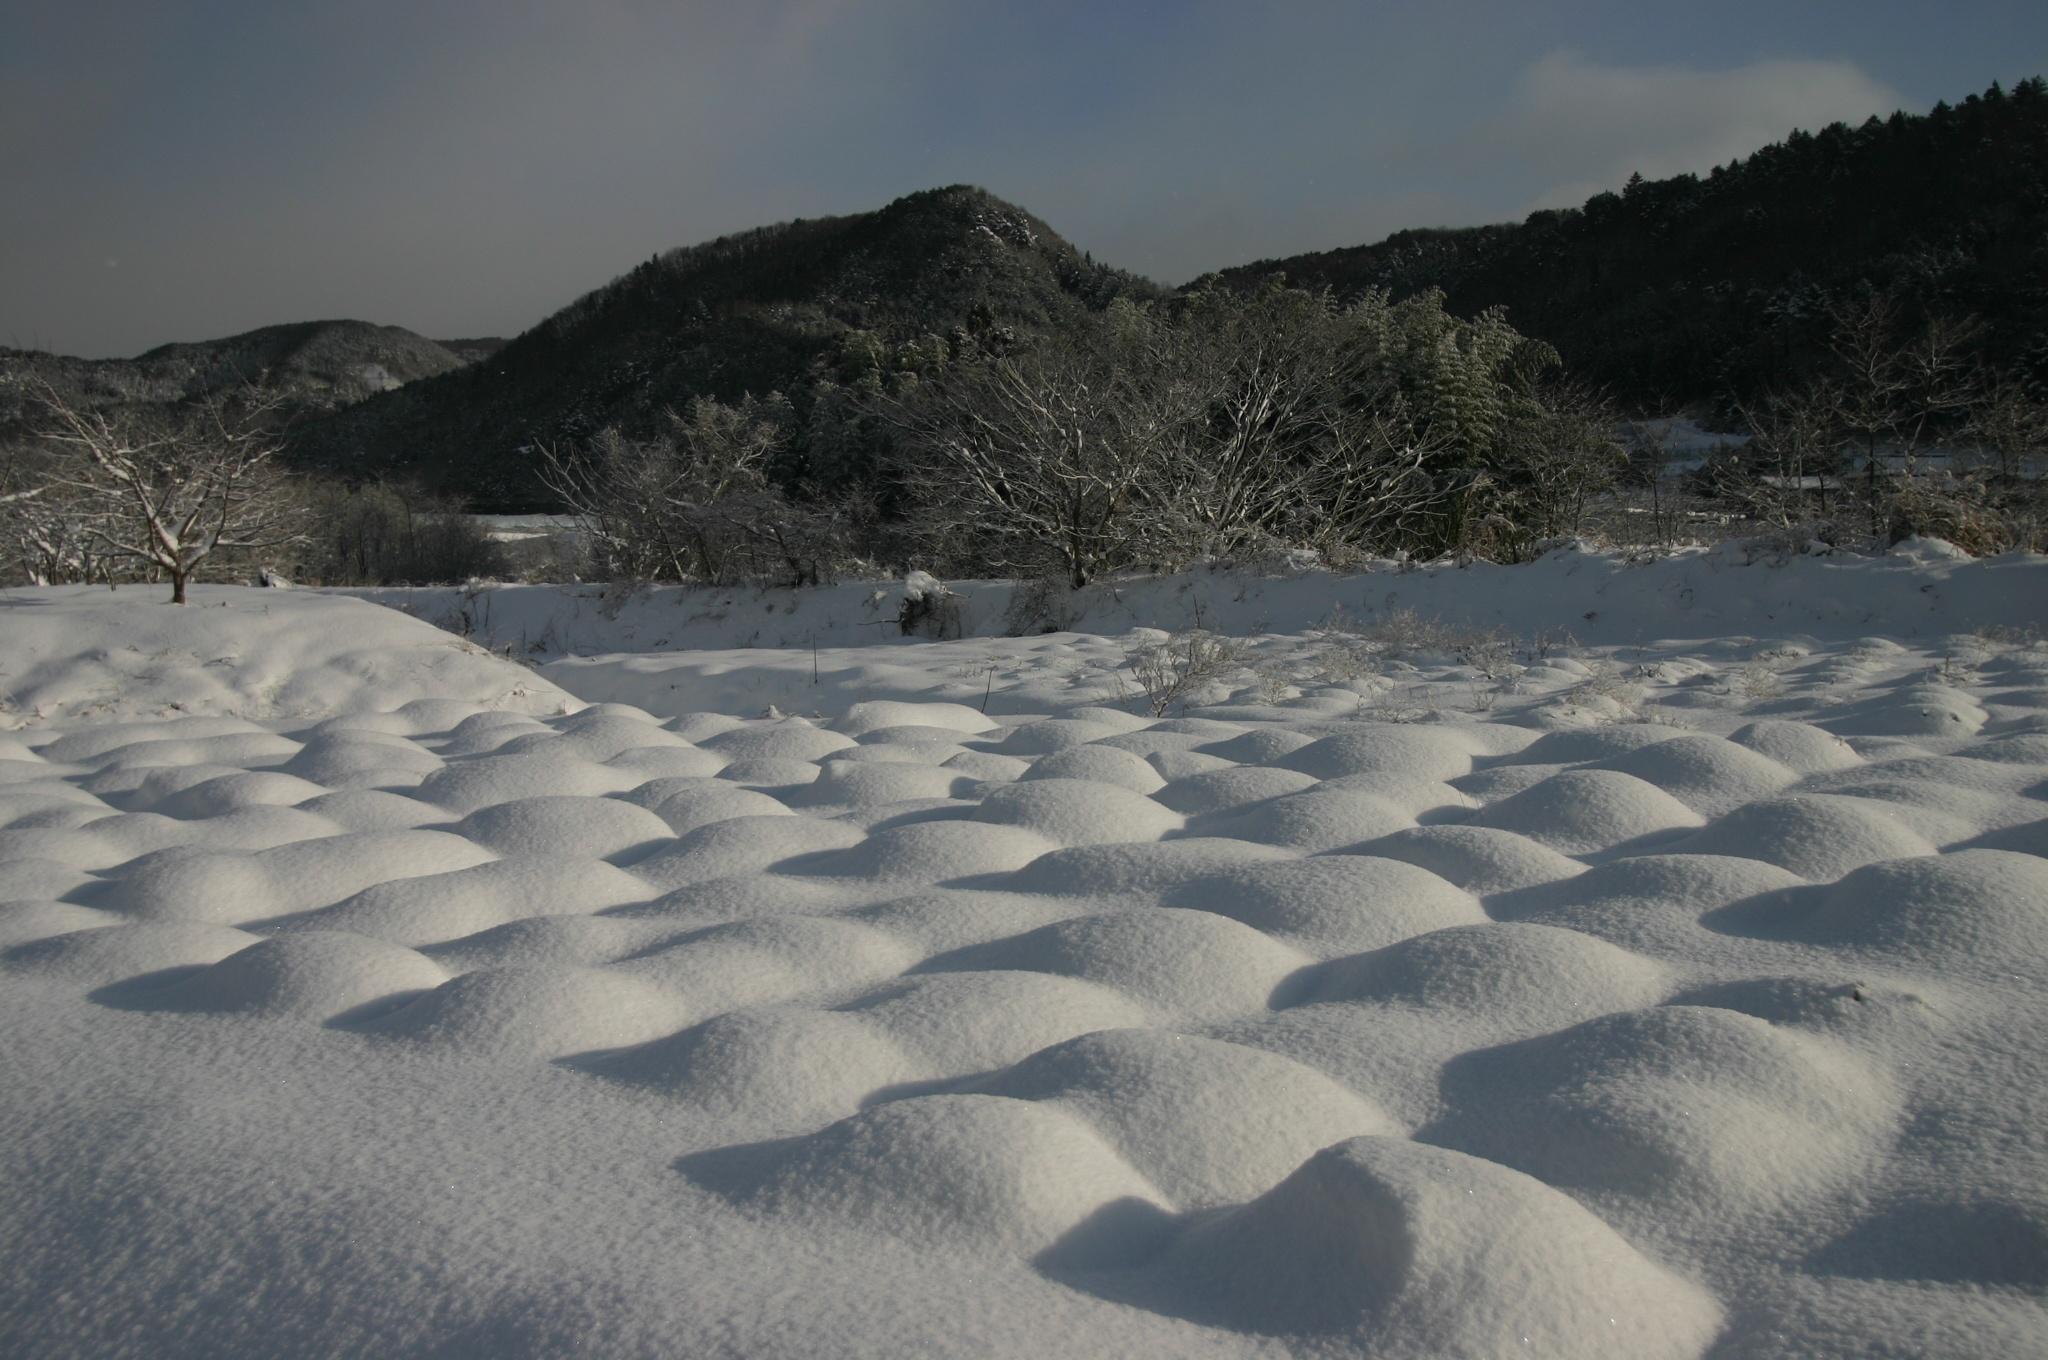 畑と思われる場所に積もった雪